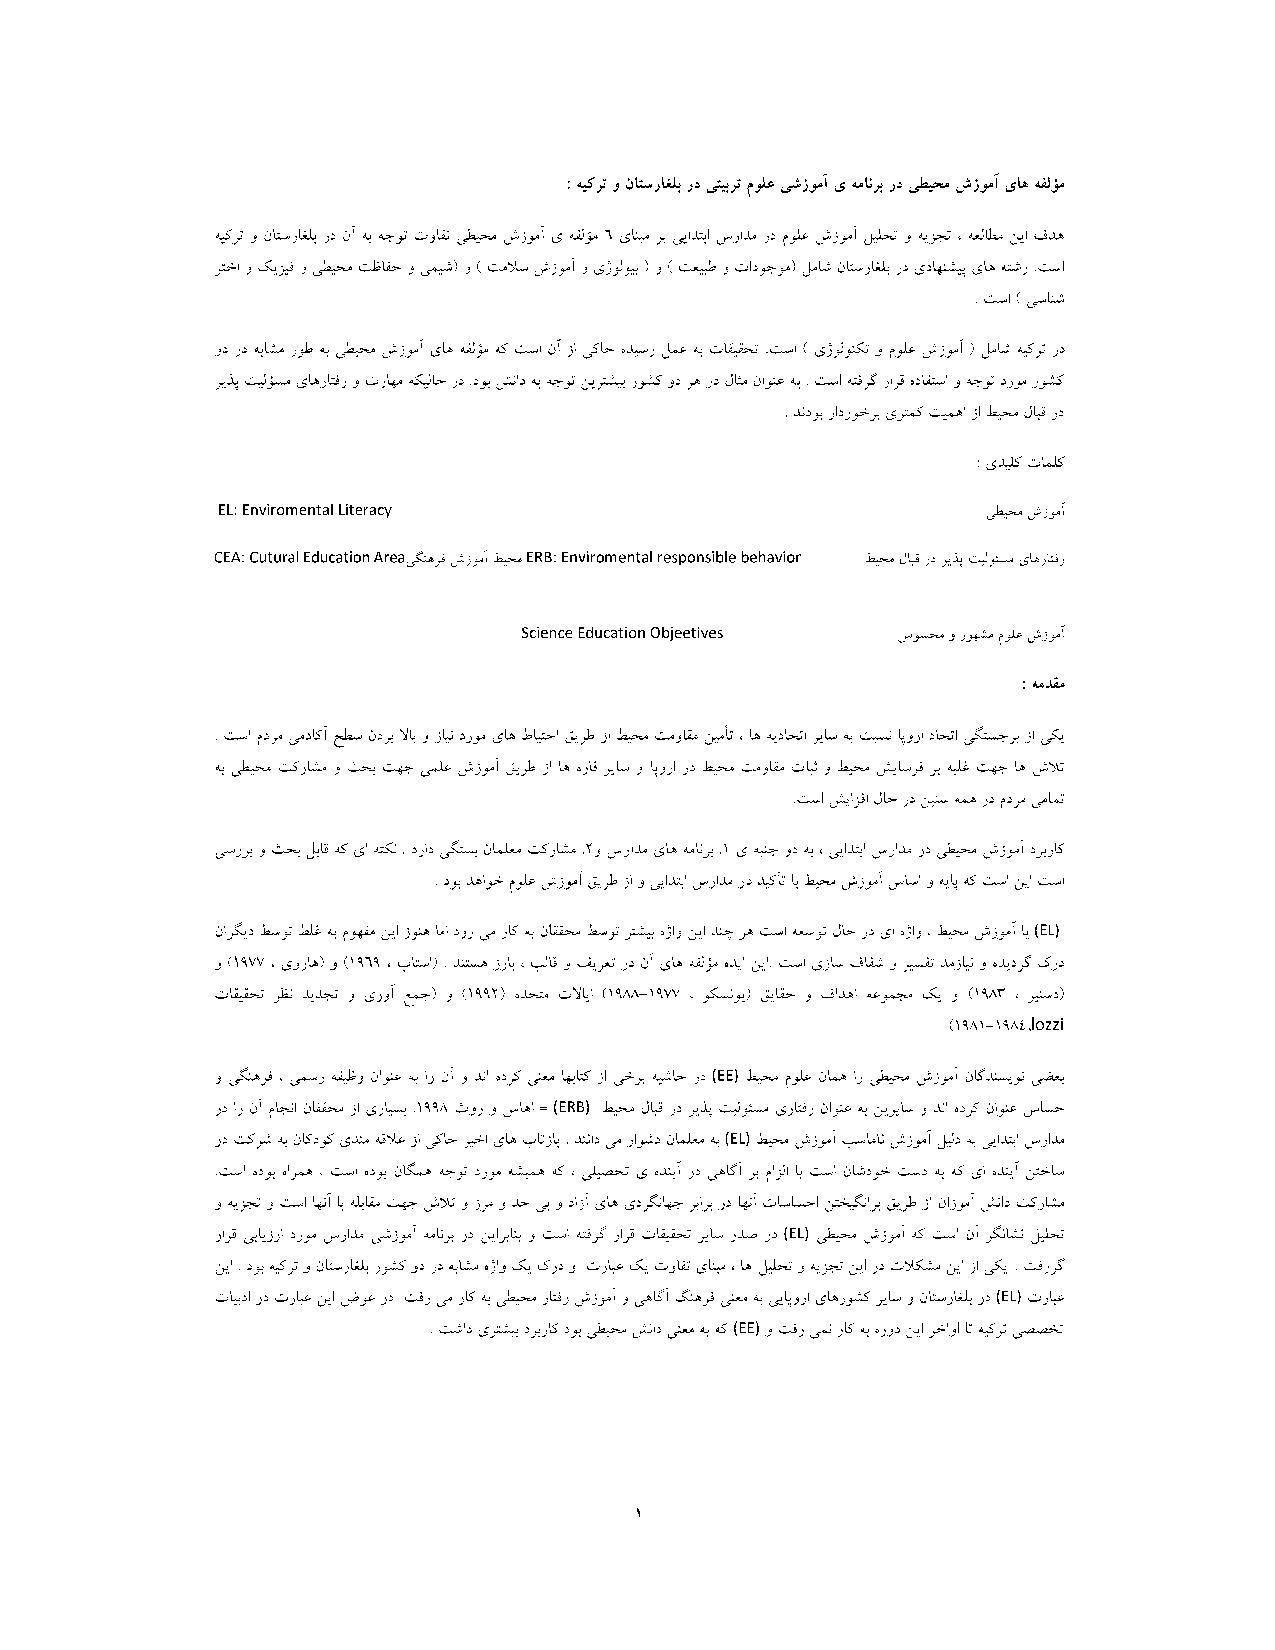 ترجمه مقاله و تحقیق - مؤلفه های آموزش محیطی در برنامه ی آموزشی علوم تربیتی در بلغارستان و ترکیه6